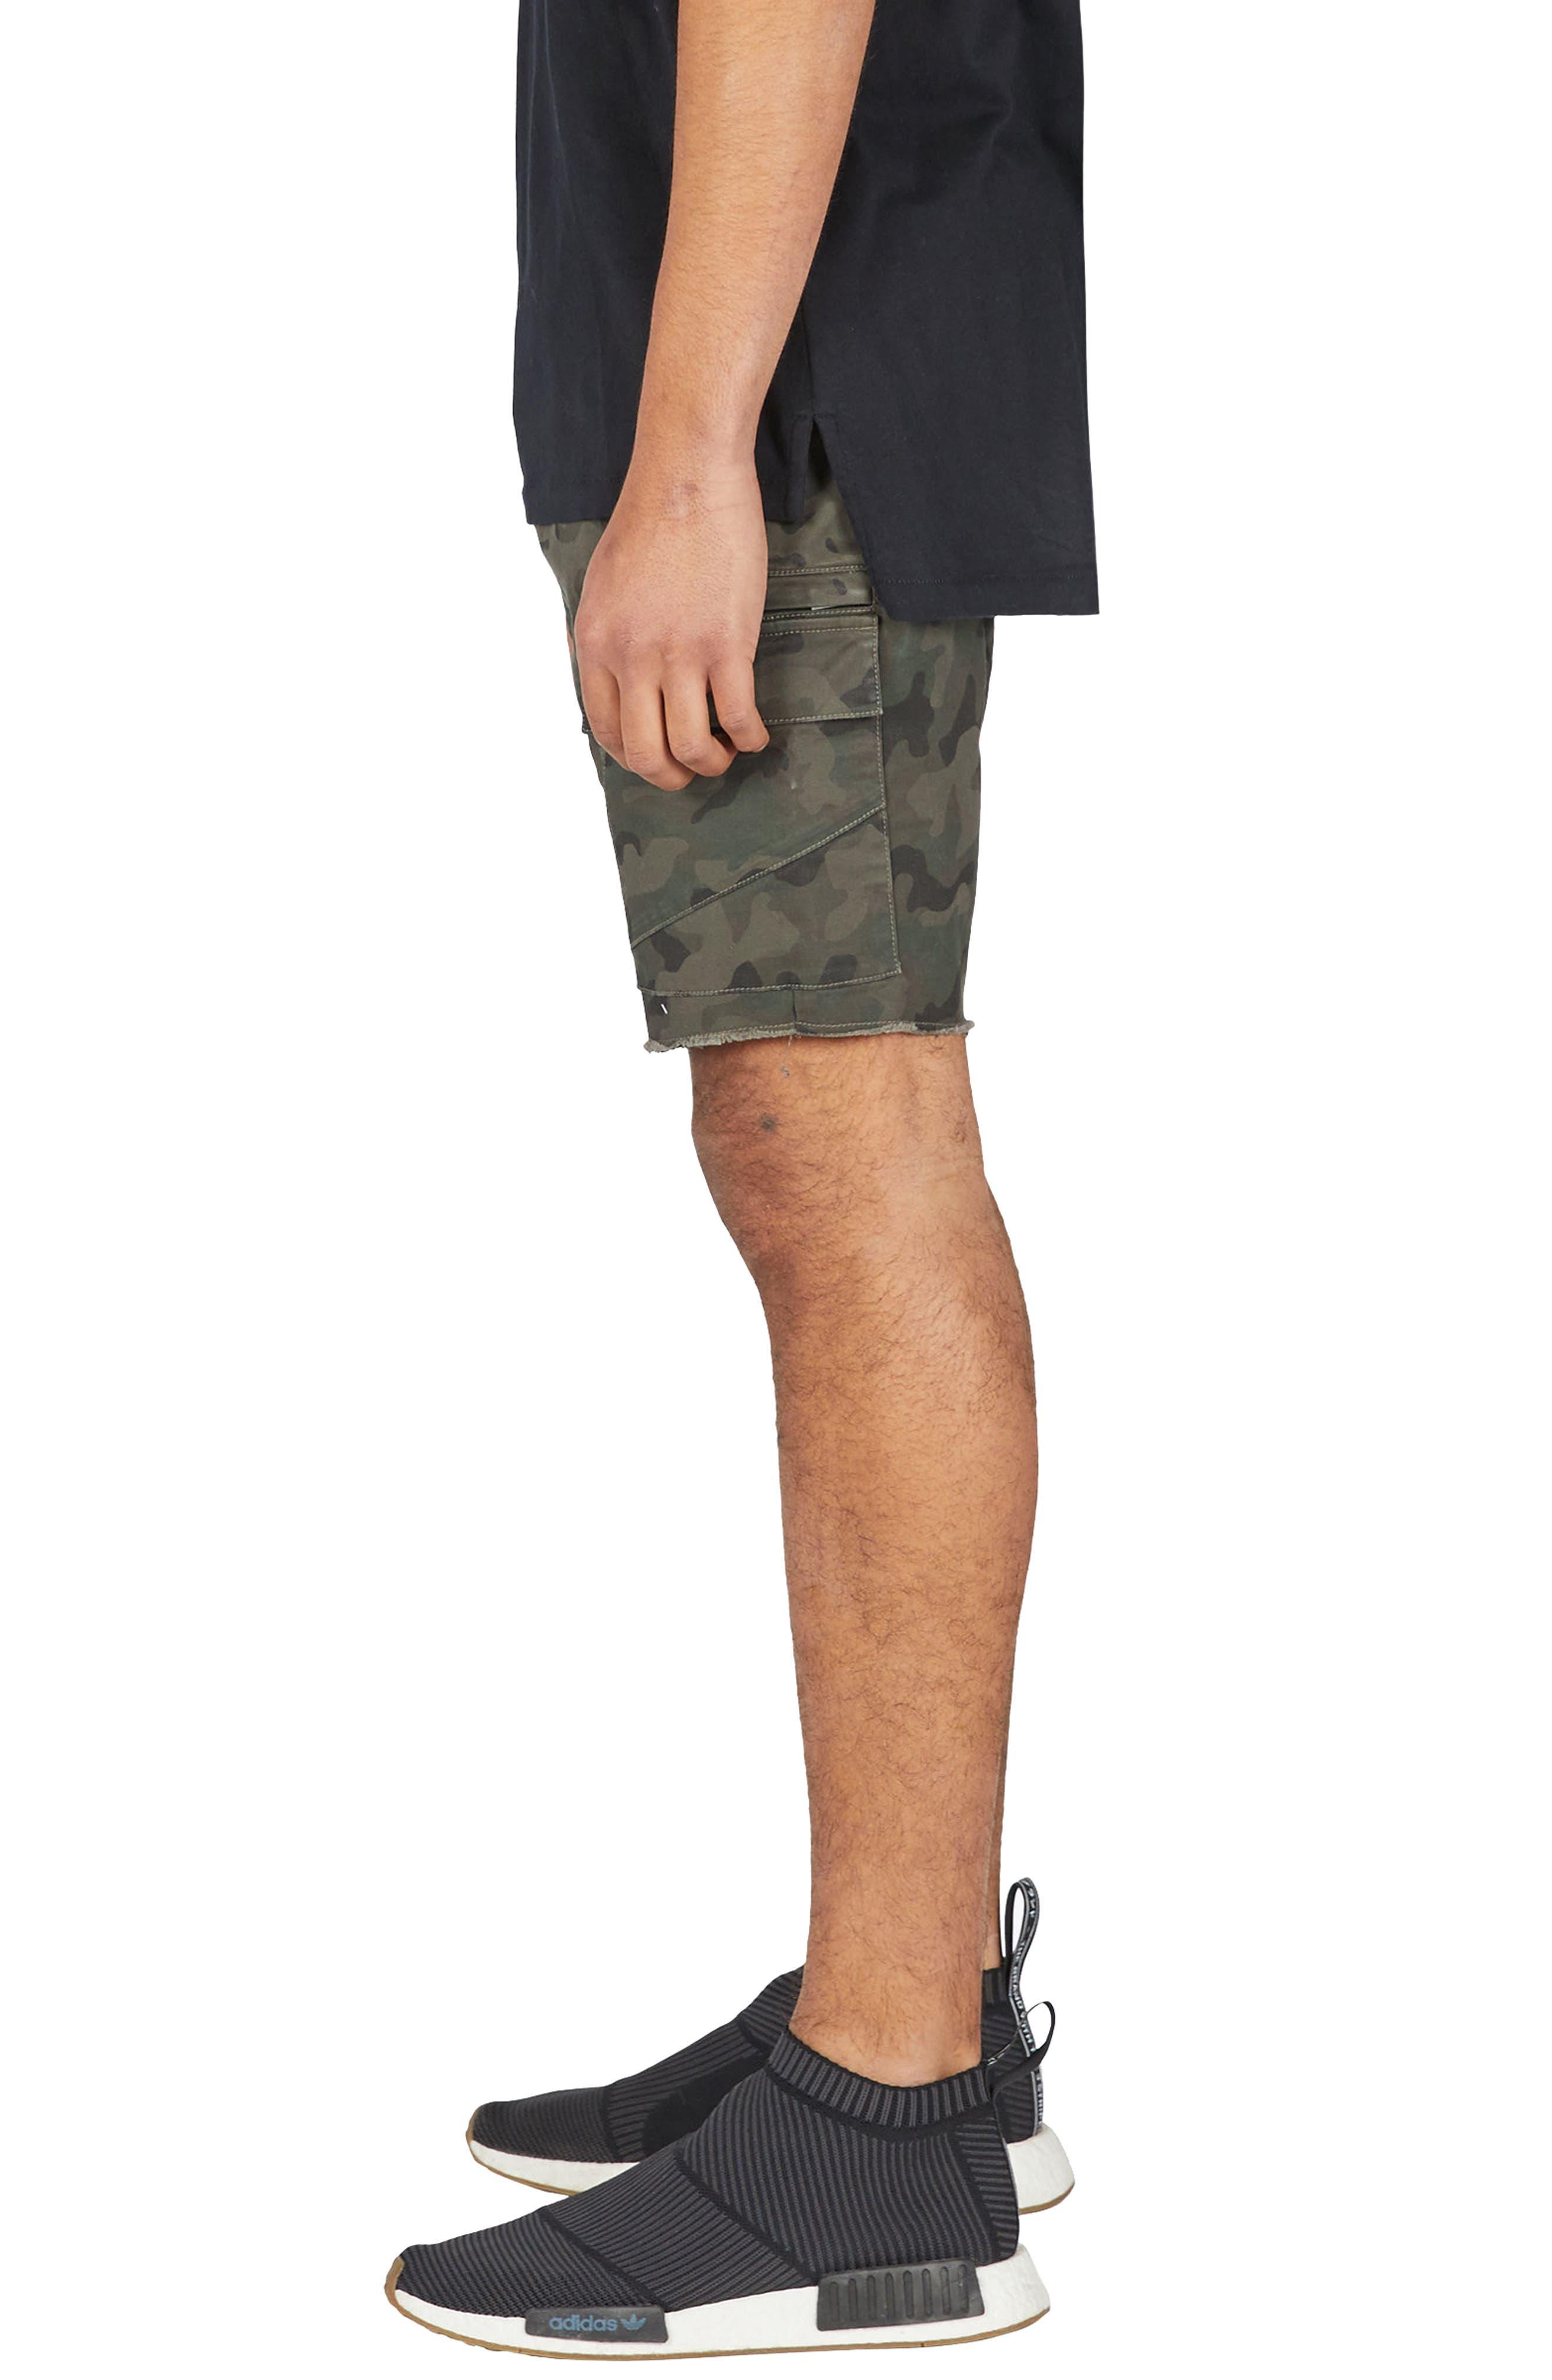 Sureshot Camo Cargo Shorts,                             Alternate thumbnail 3, color,                             Camo